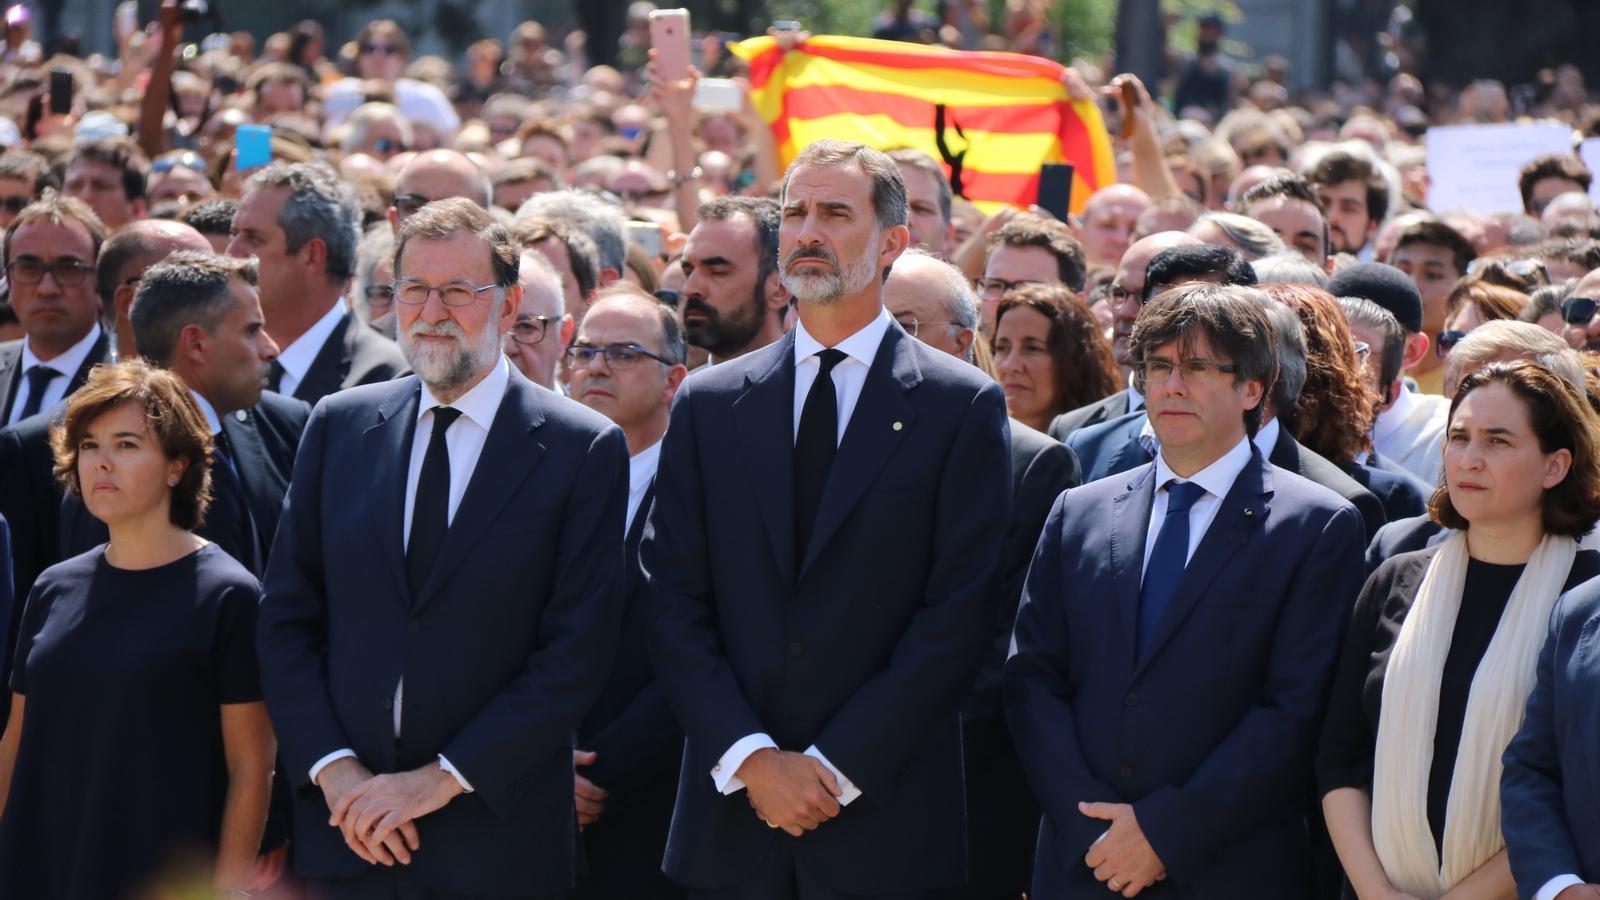 Felip VI serà a la commemoració del 17-A i la Moncloa espera que no el xiulin